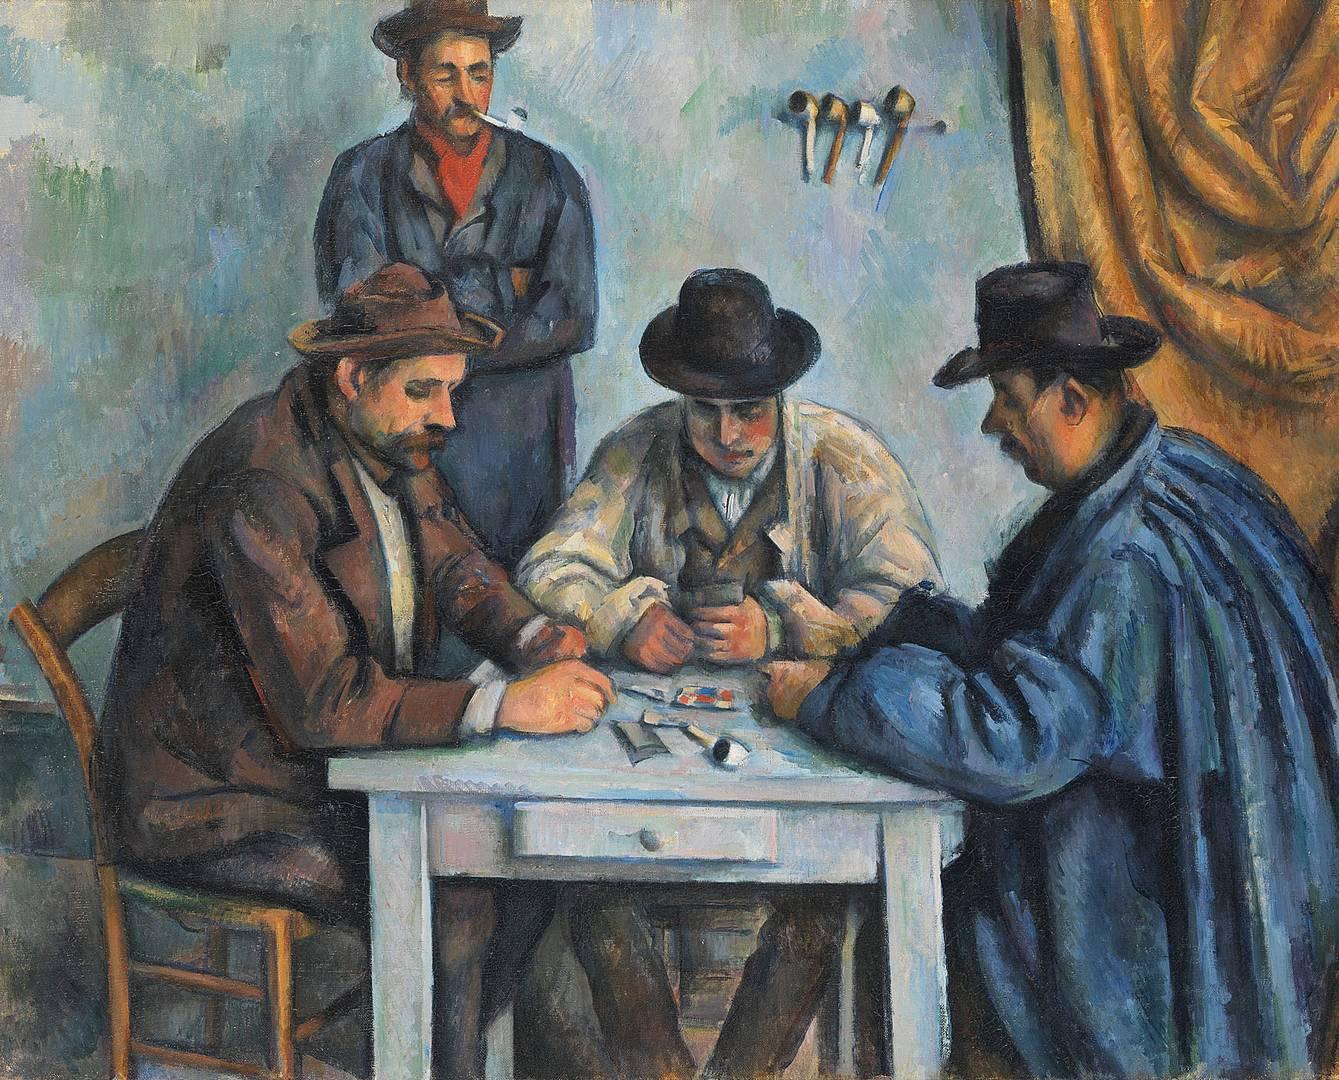 Поль Сезанн. Игроки в карты. 1890–1892